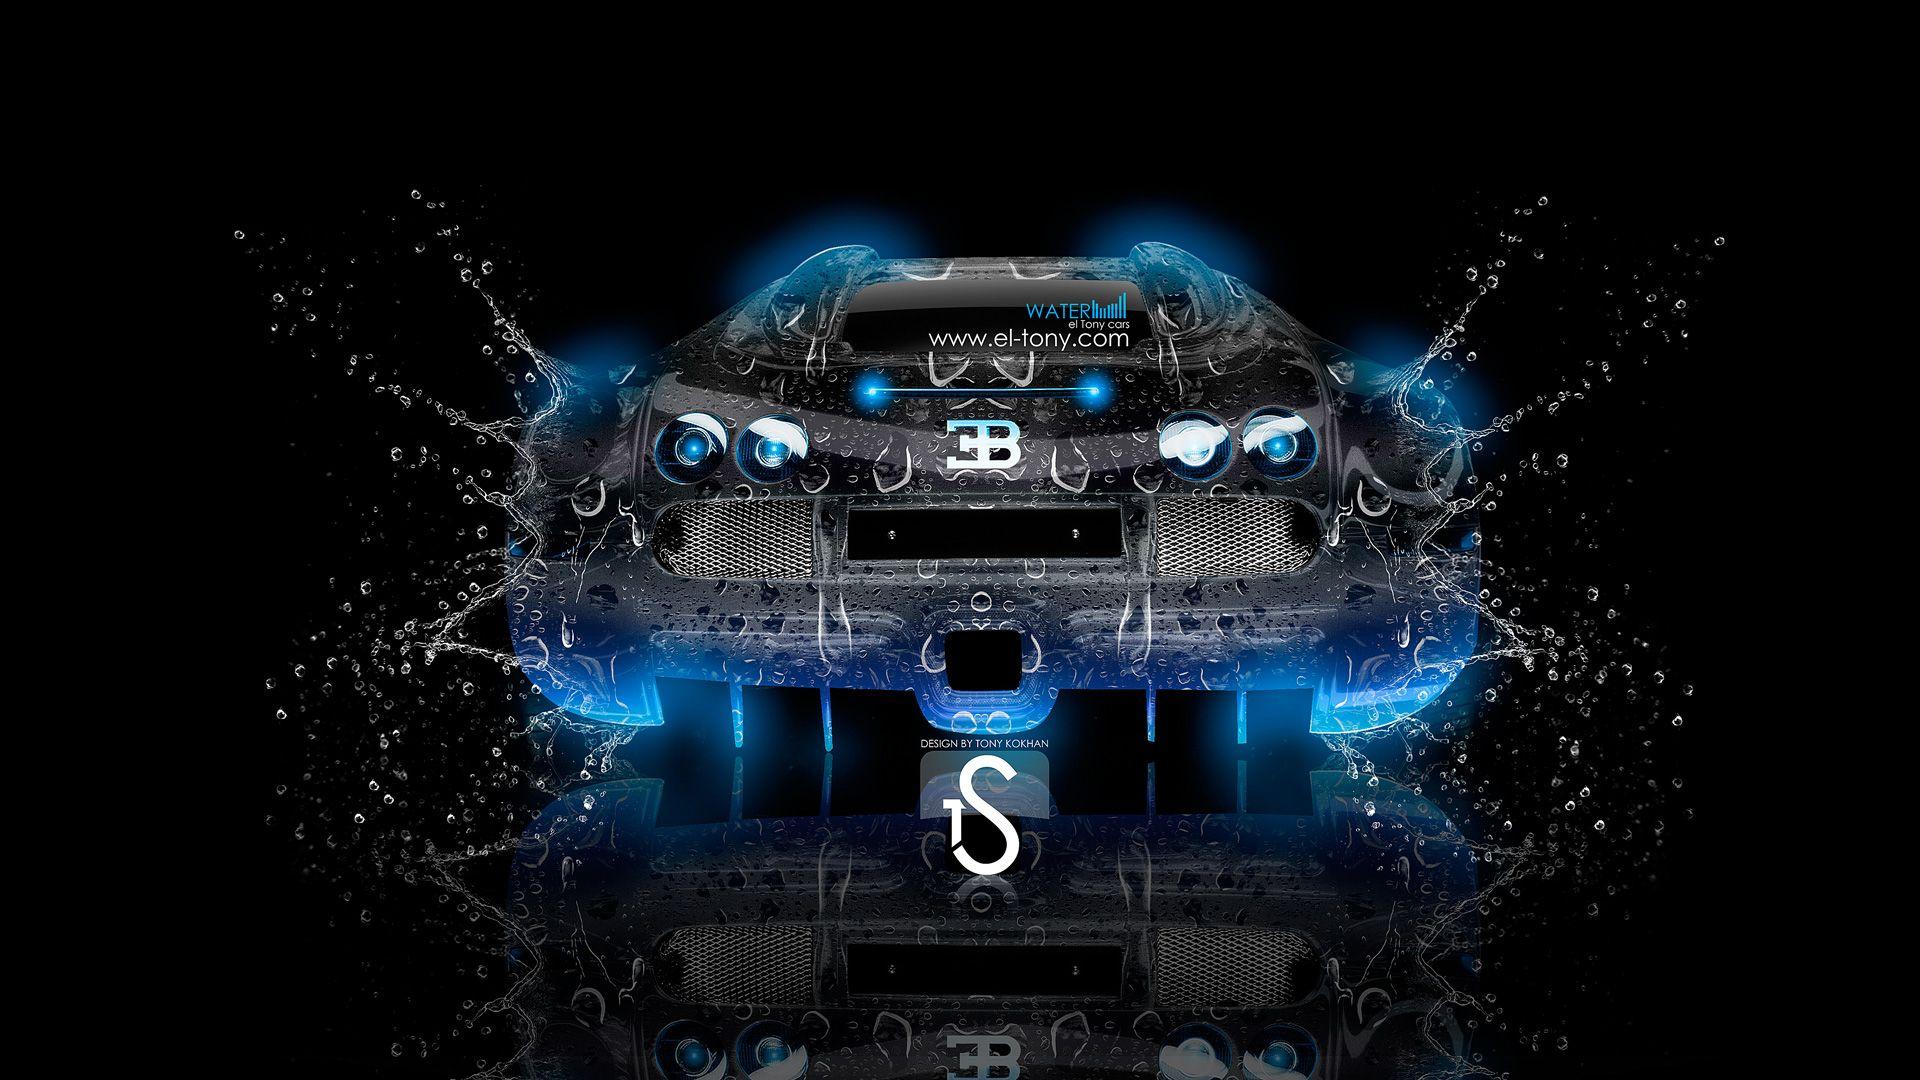 Great Bugatti Veyron Water Car 2013 Back  Blue Neon Hd Wallpapers By Tony Kokhan Www El Tony Com_